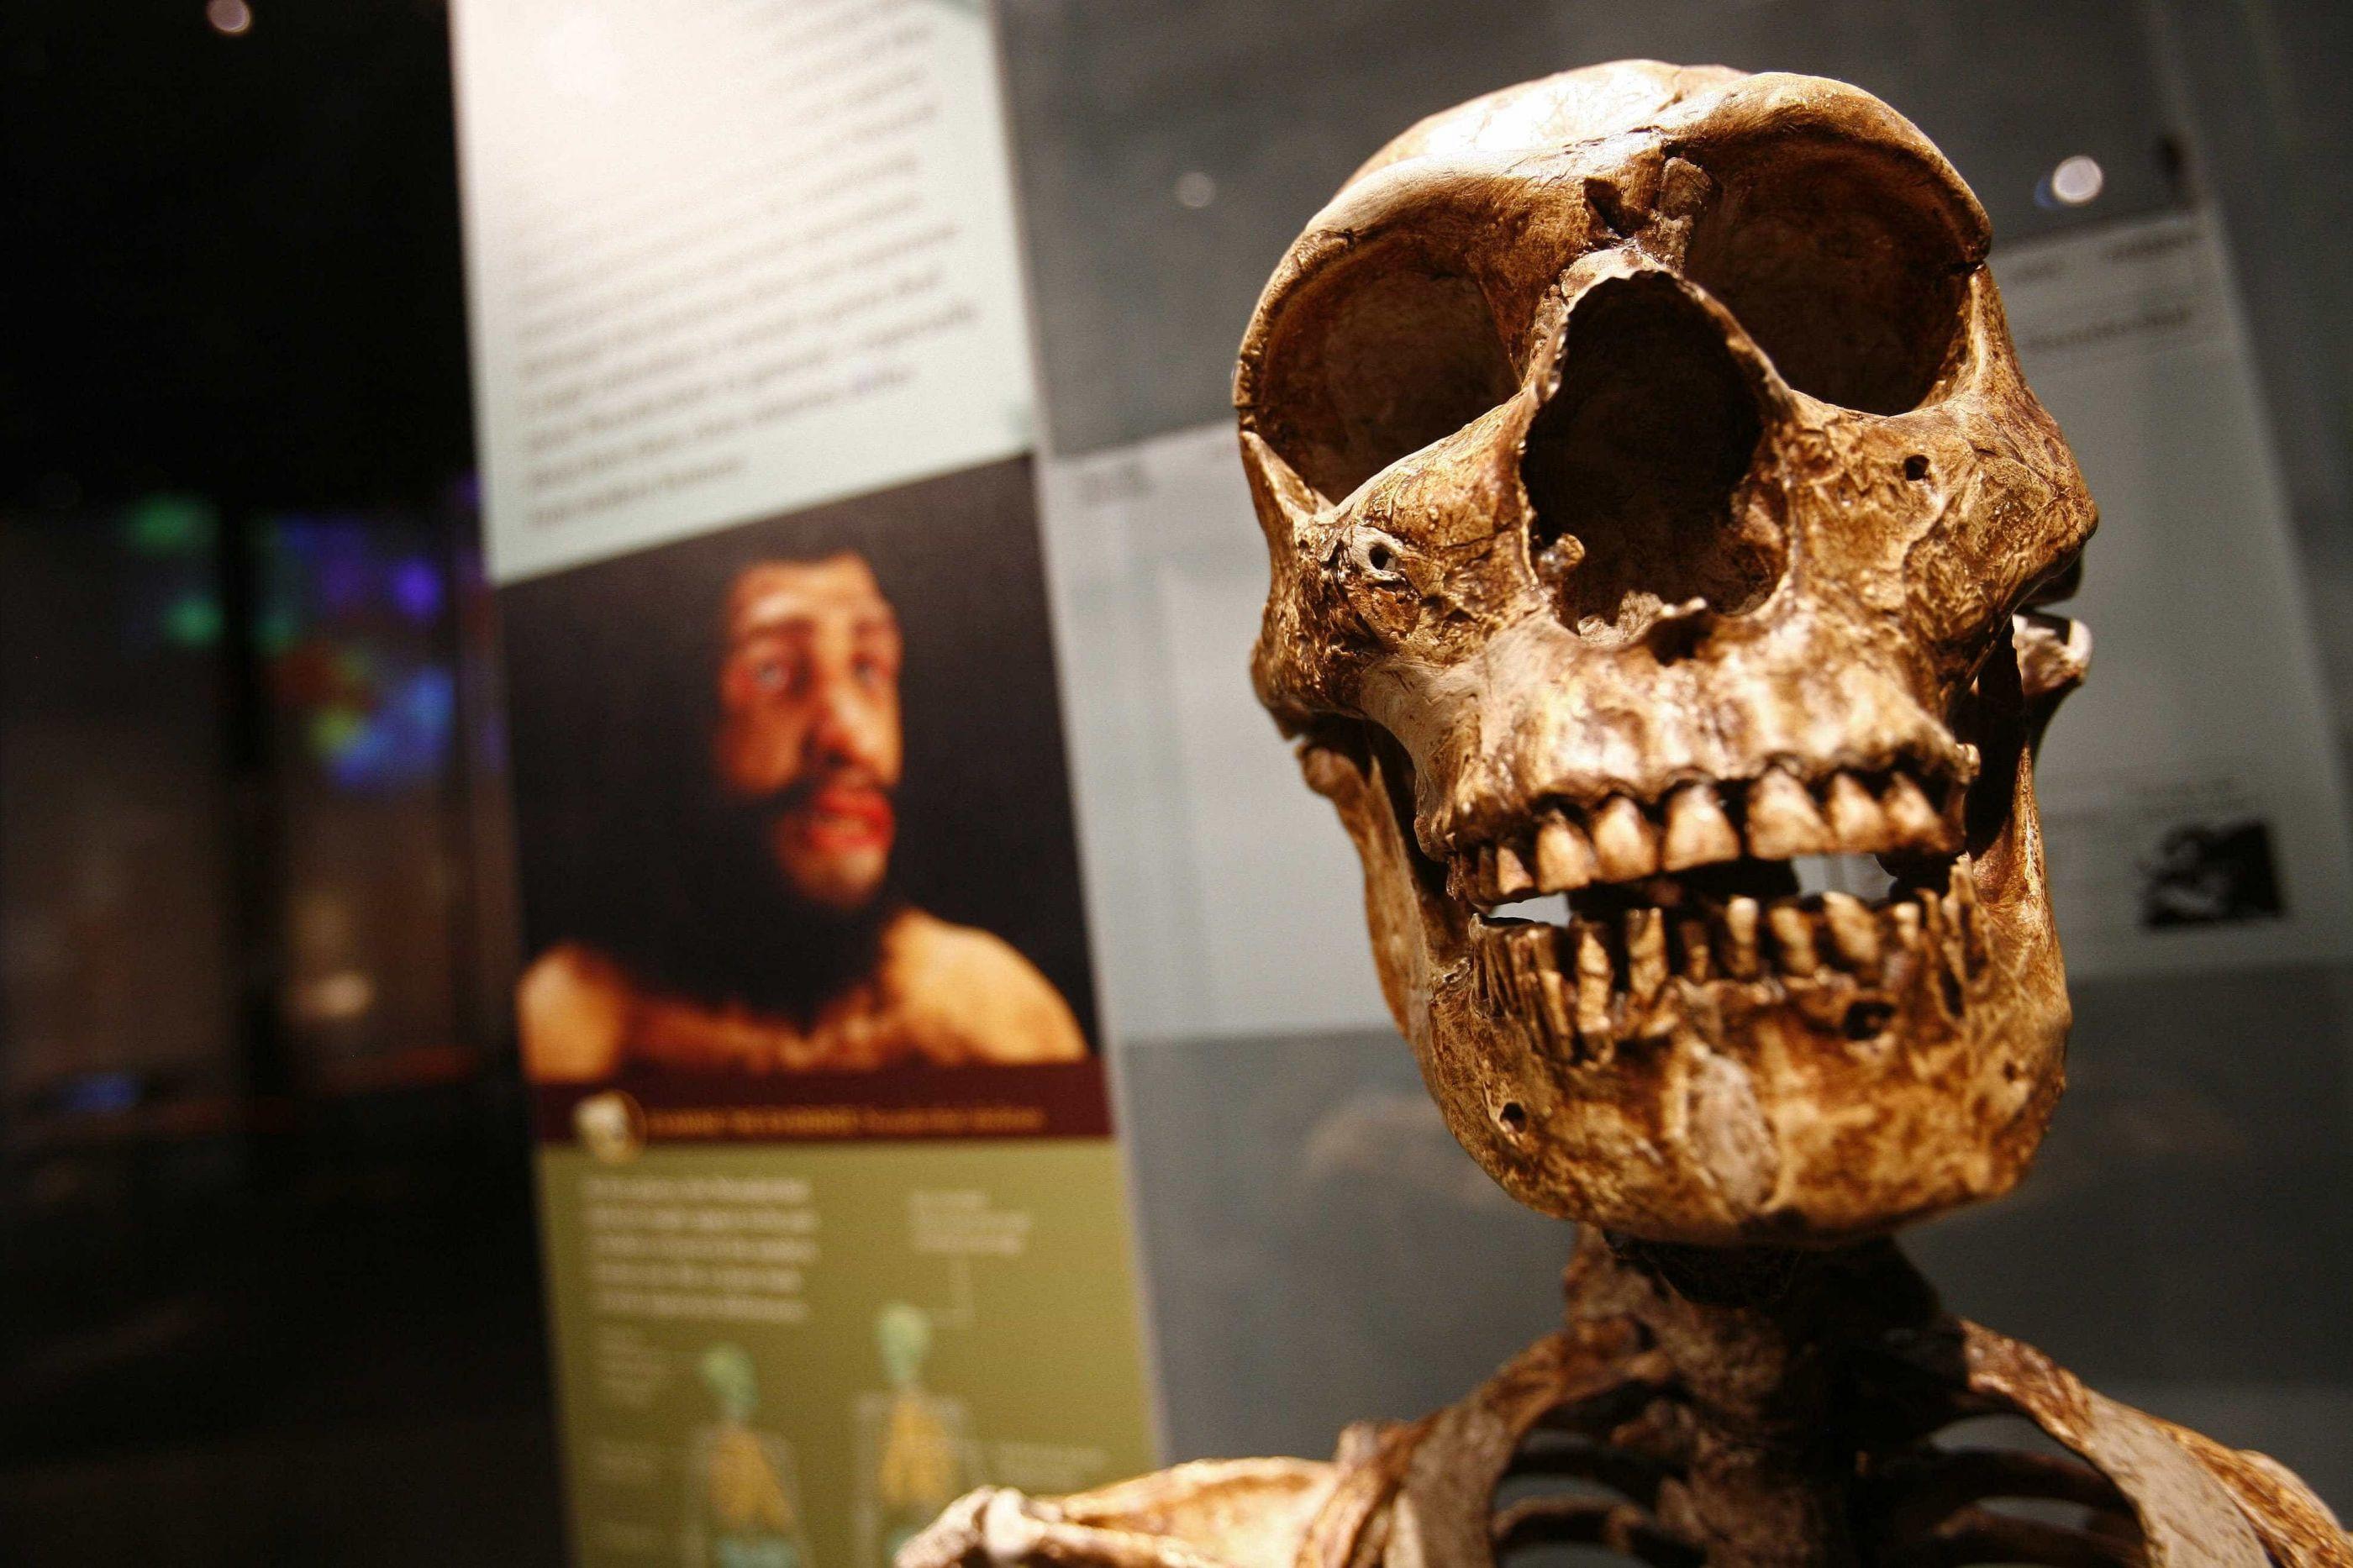 Crianças neandertais do sul de França foram expostas a chumbo tóxico